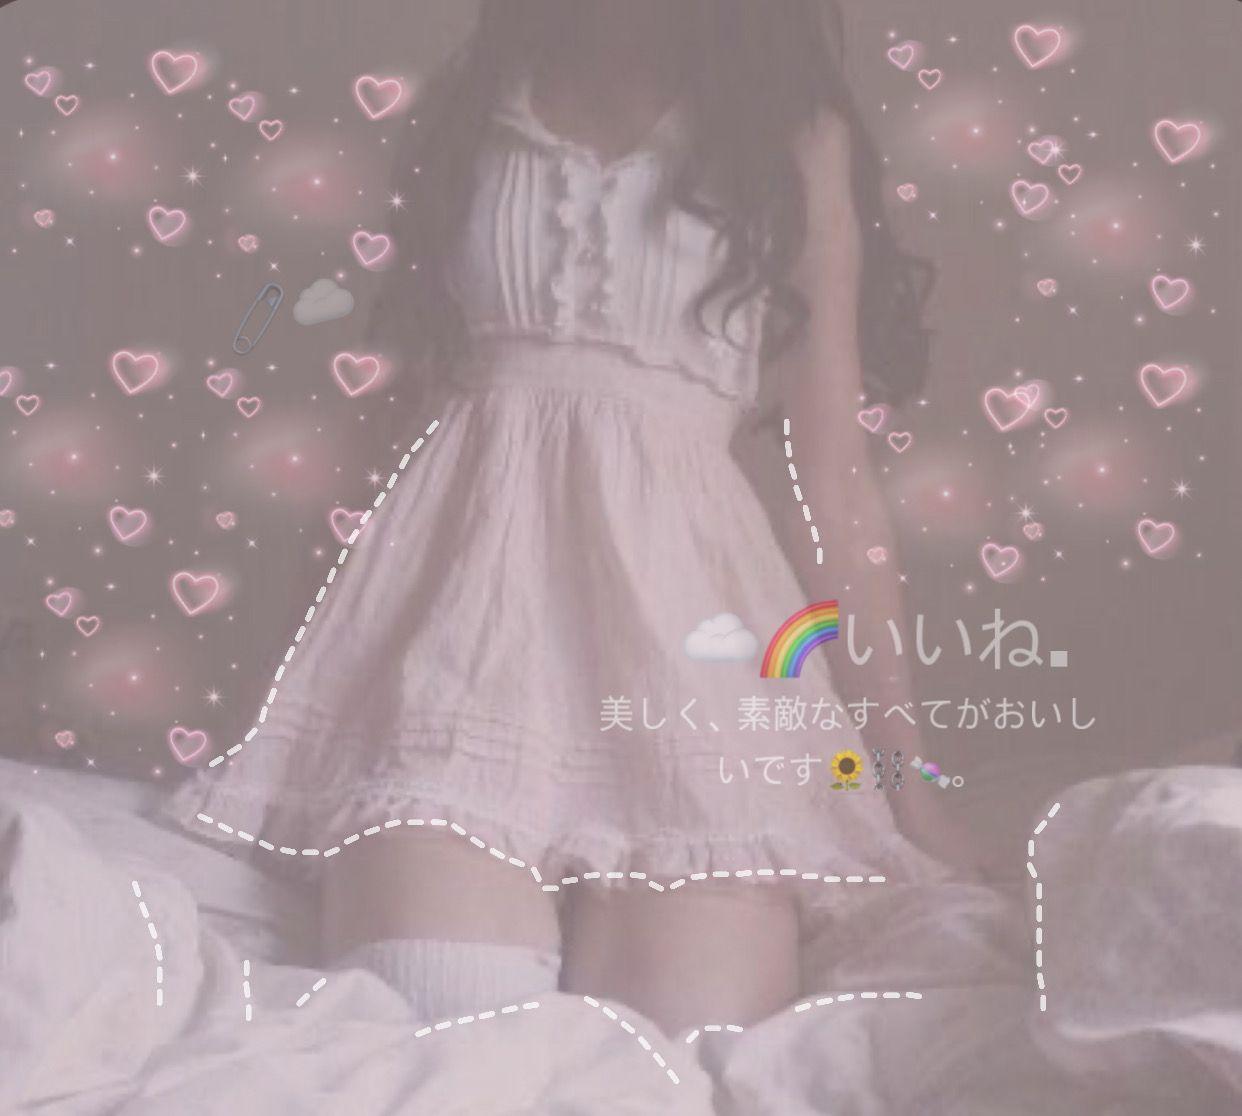 فولو وخذ ه تنسيق بيبي قيرل Flower Girl Dresses Girl Icons Beauty Full Girl